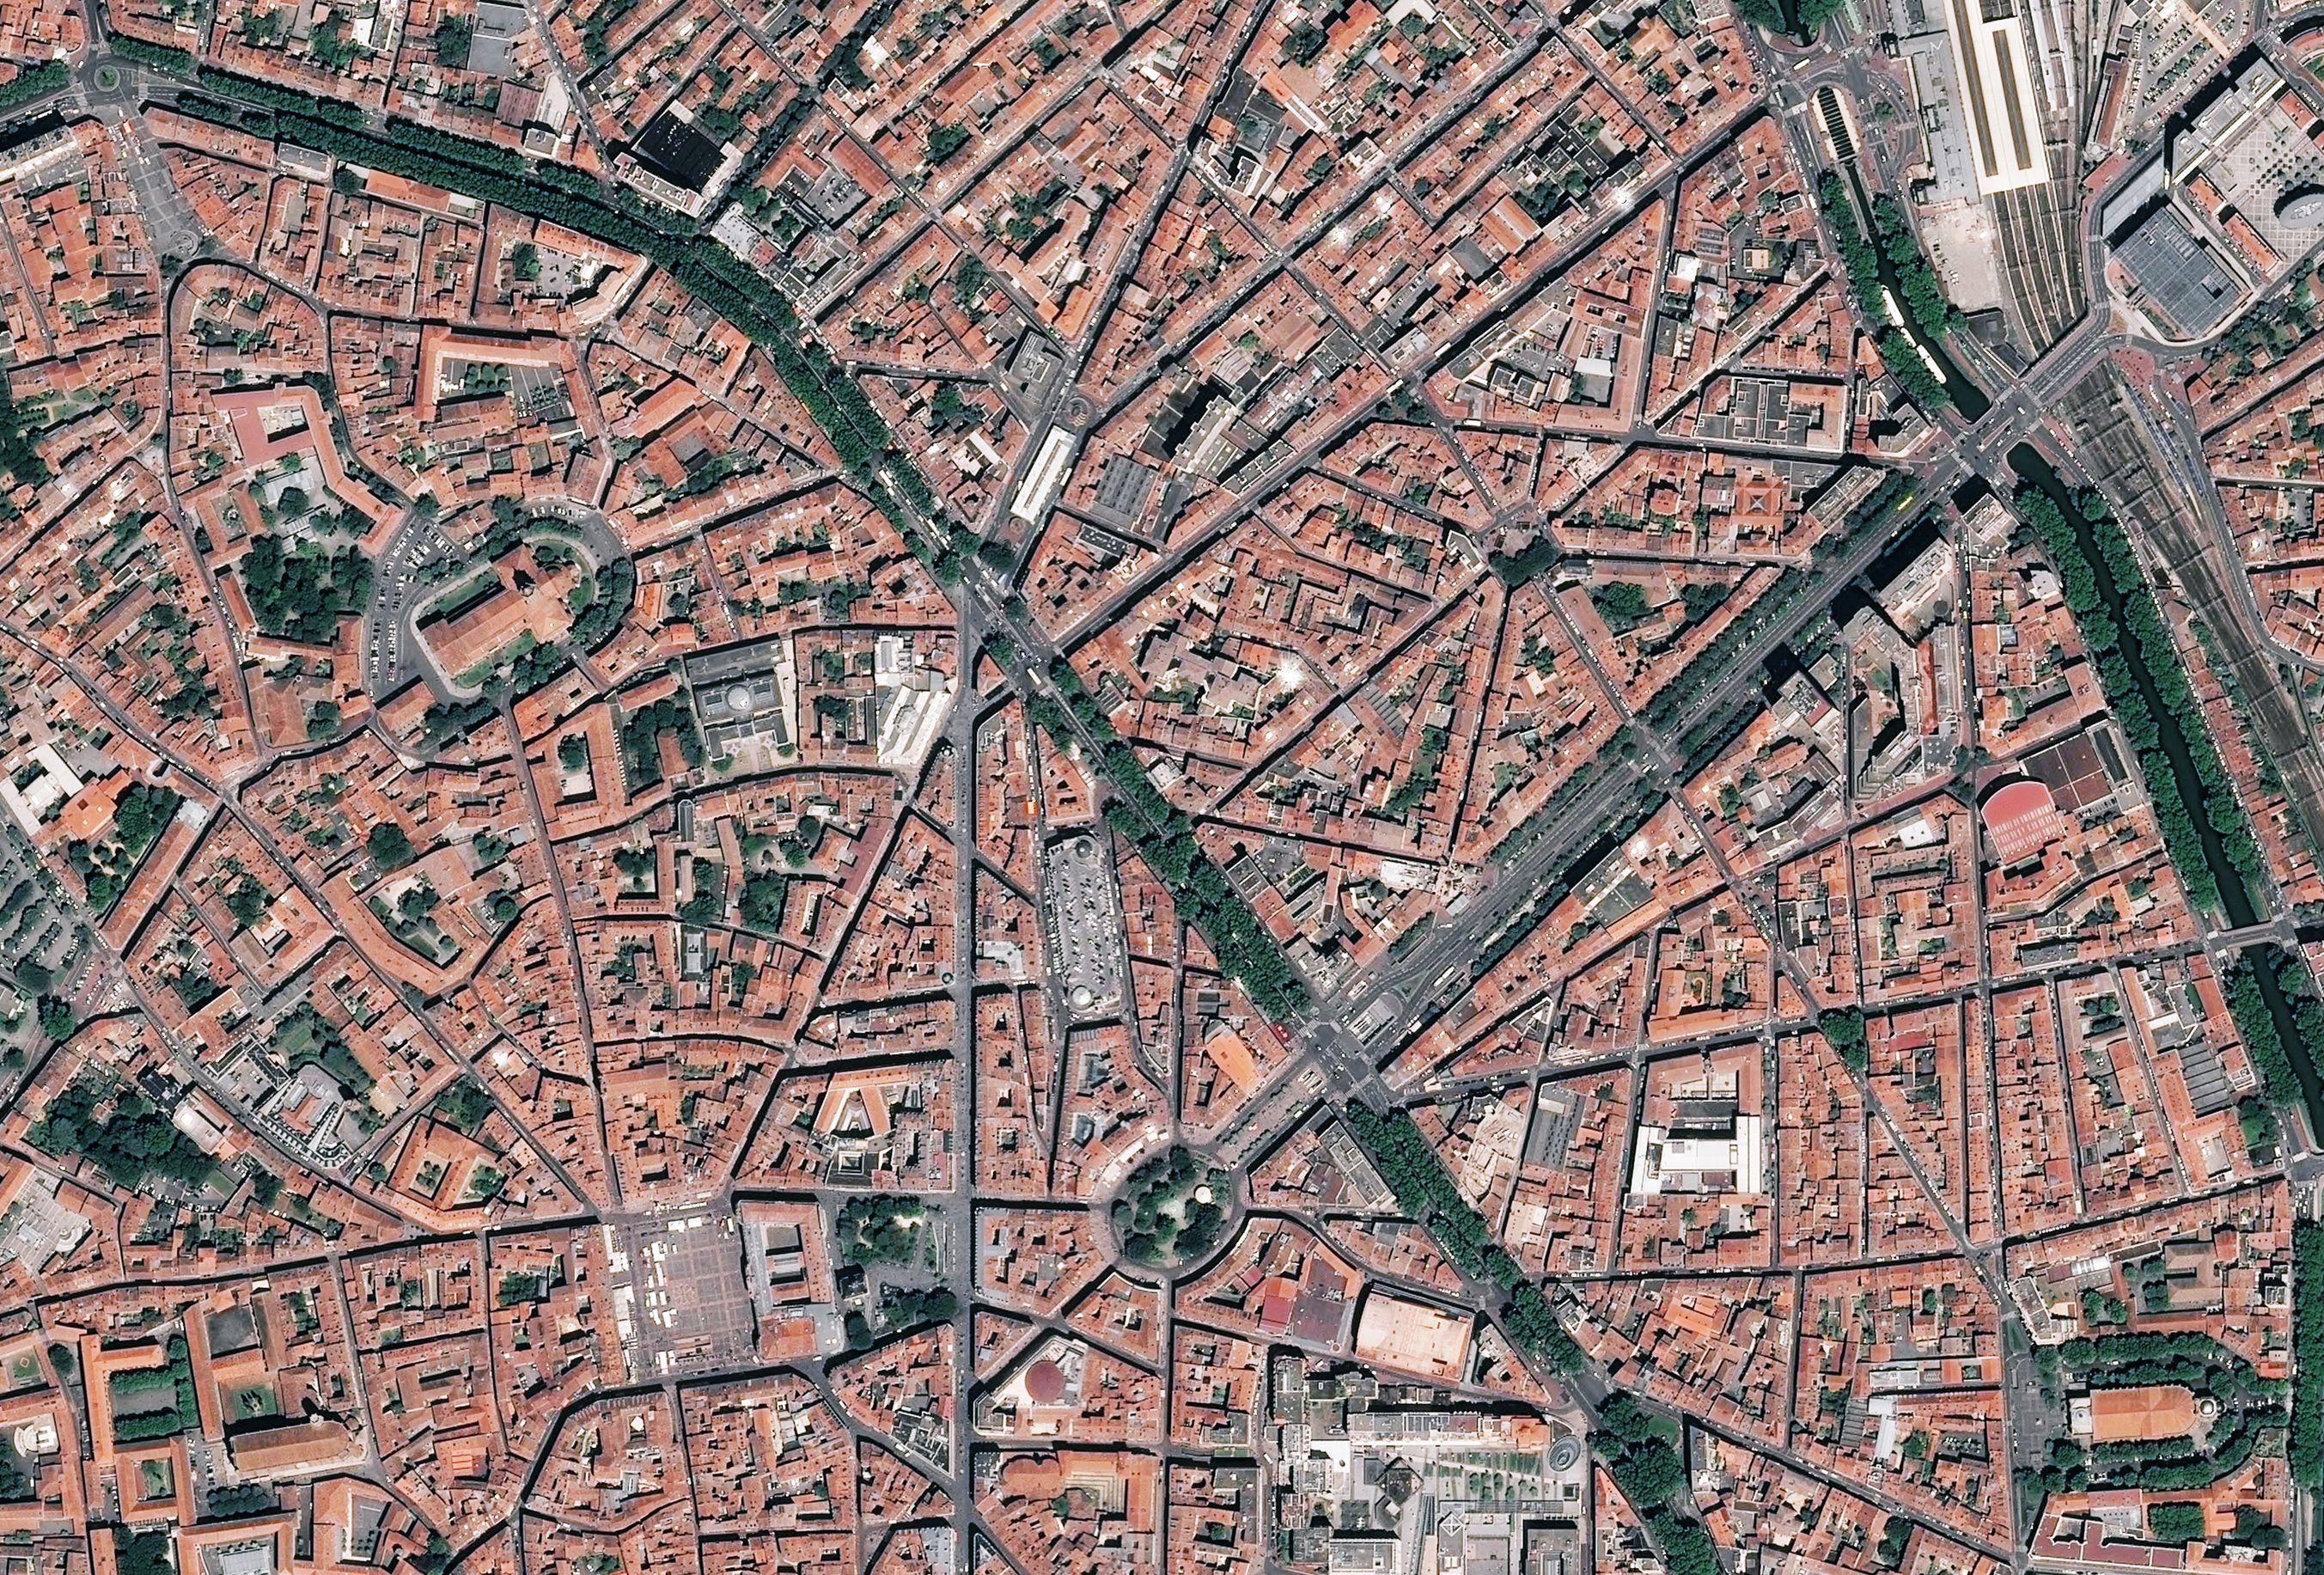 30 ans de SPOT - Un Satellite Pour Occuper Toulouse - Pléiades - Ville rose - Capitale spatiale européenne - Très haute résolution - CNES - Airbus DS